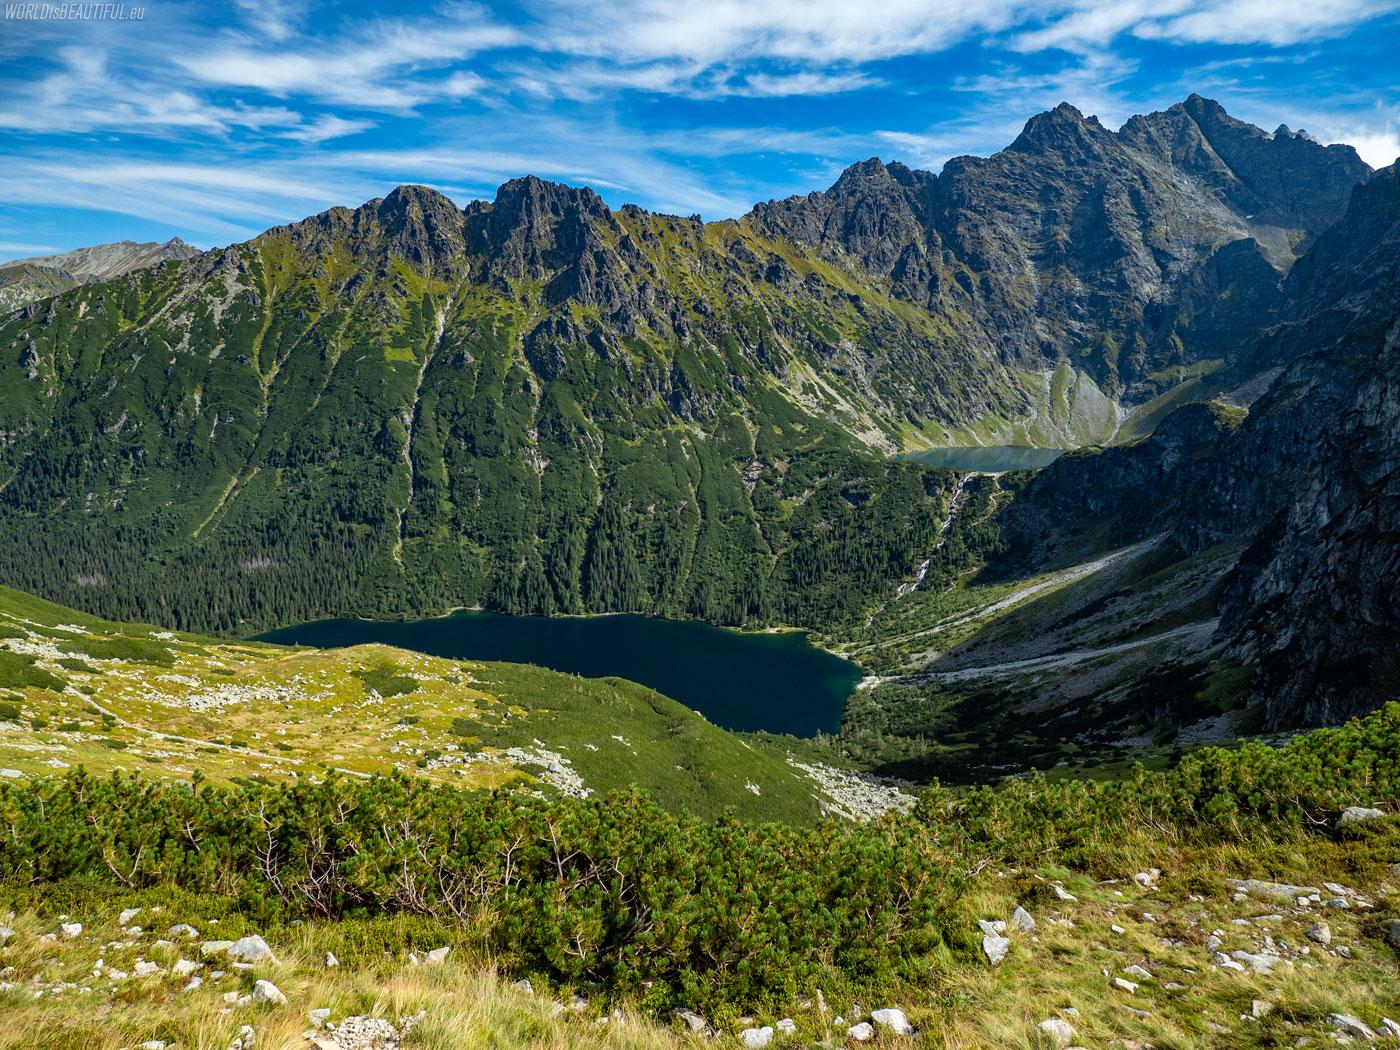 Trail from Morskie Oko to Szpiglasowy Wierch